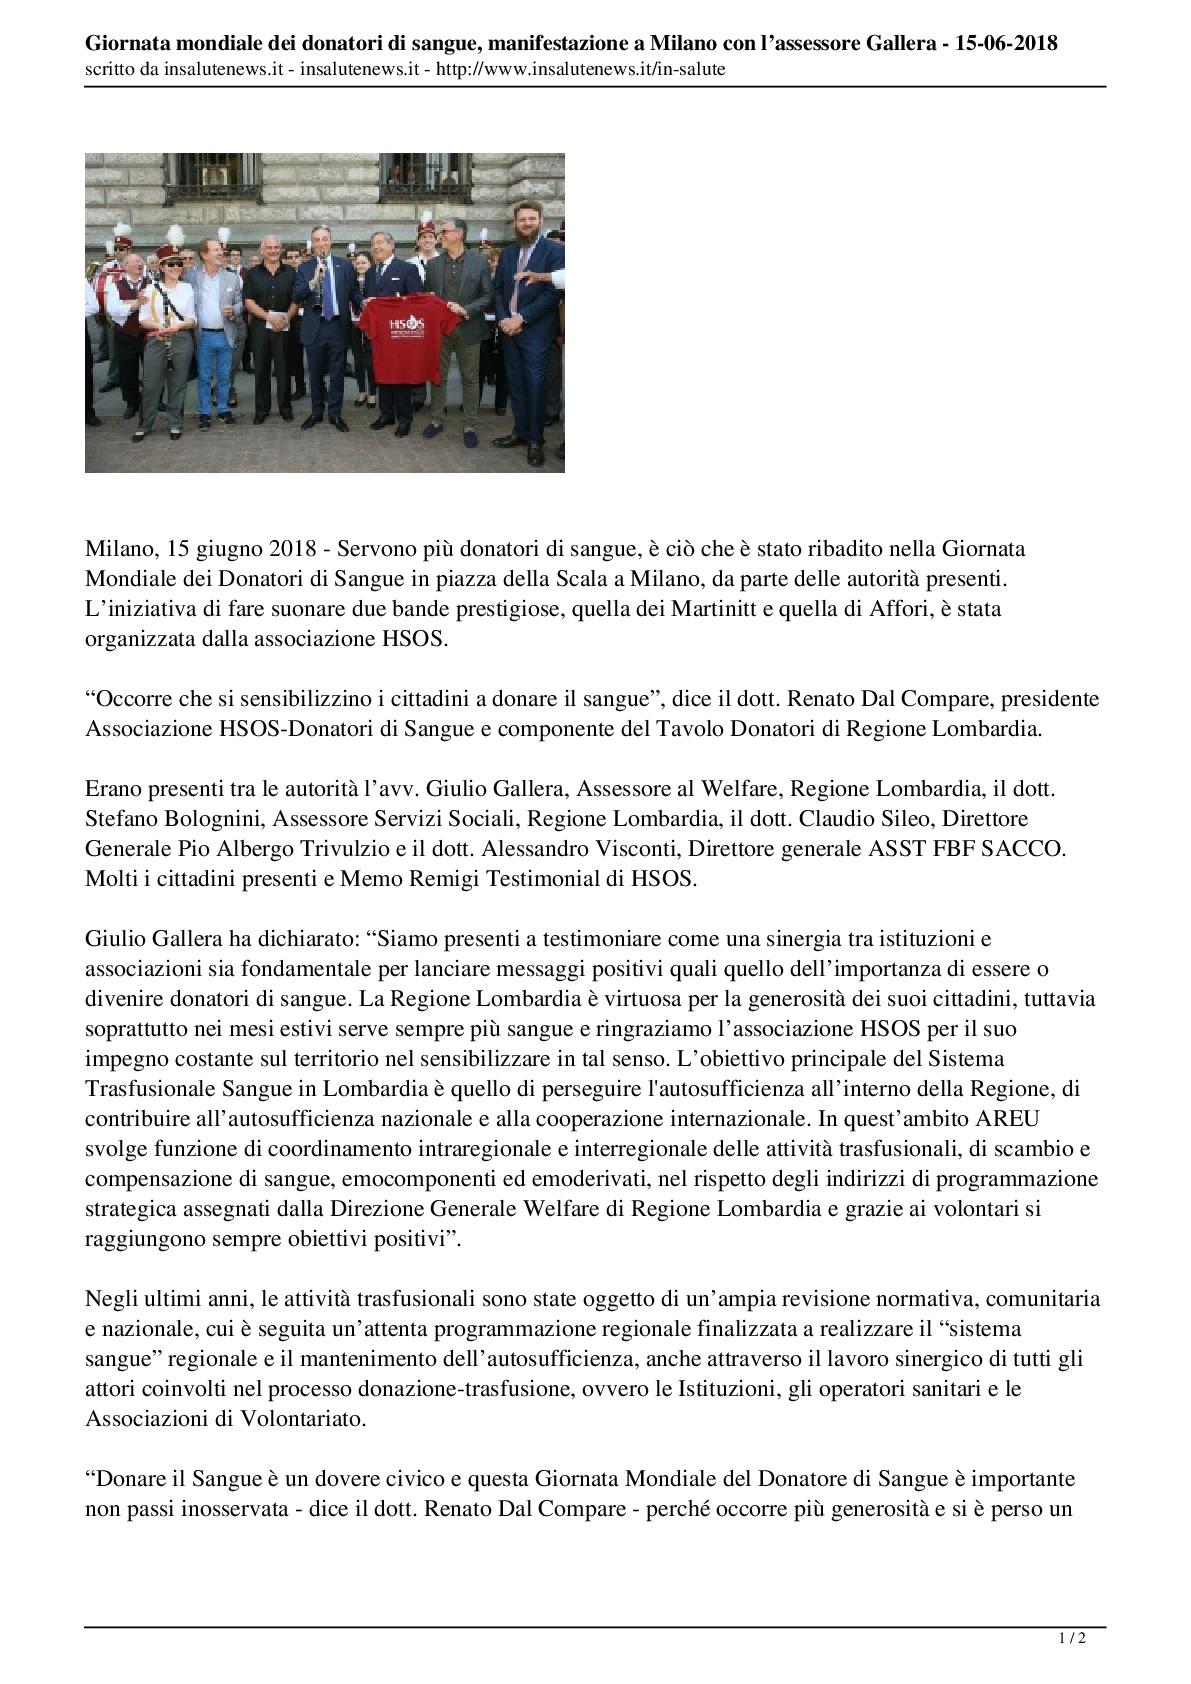 Giornata Mondiale della Donazione di Sangue, Insalute-news-del-15.06.2018